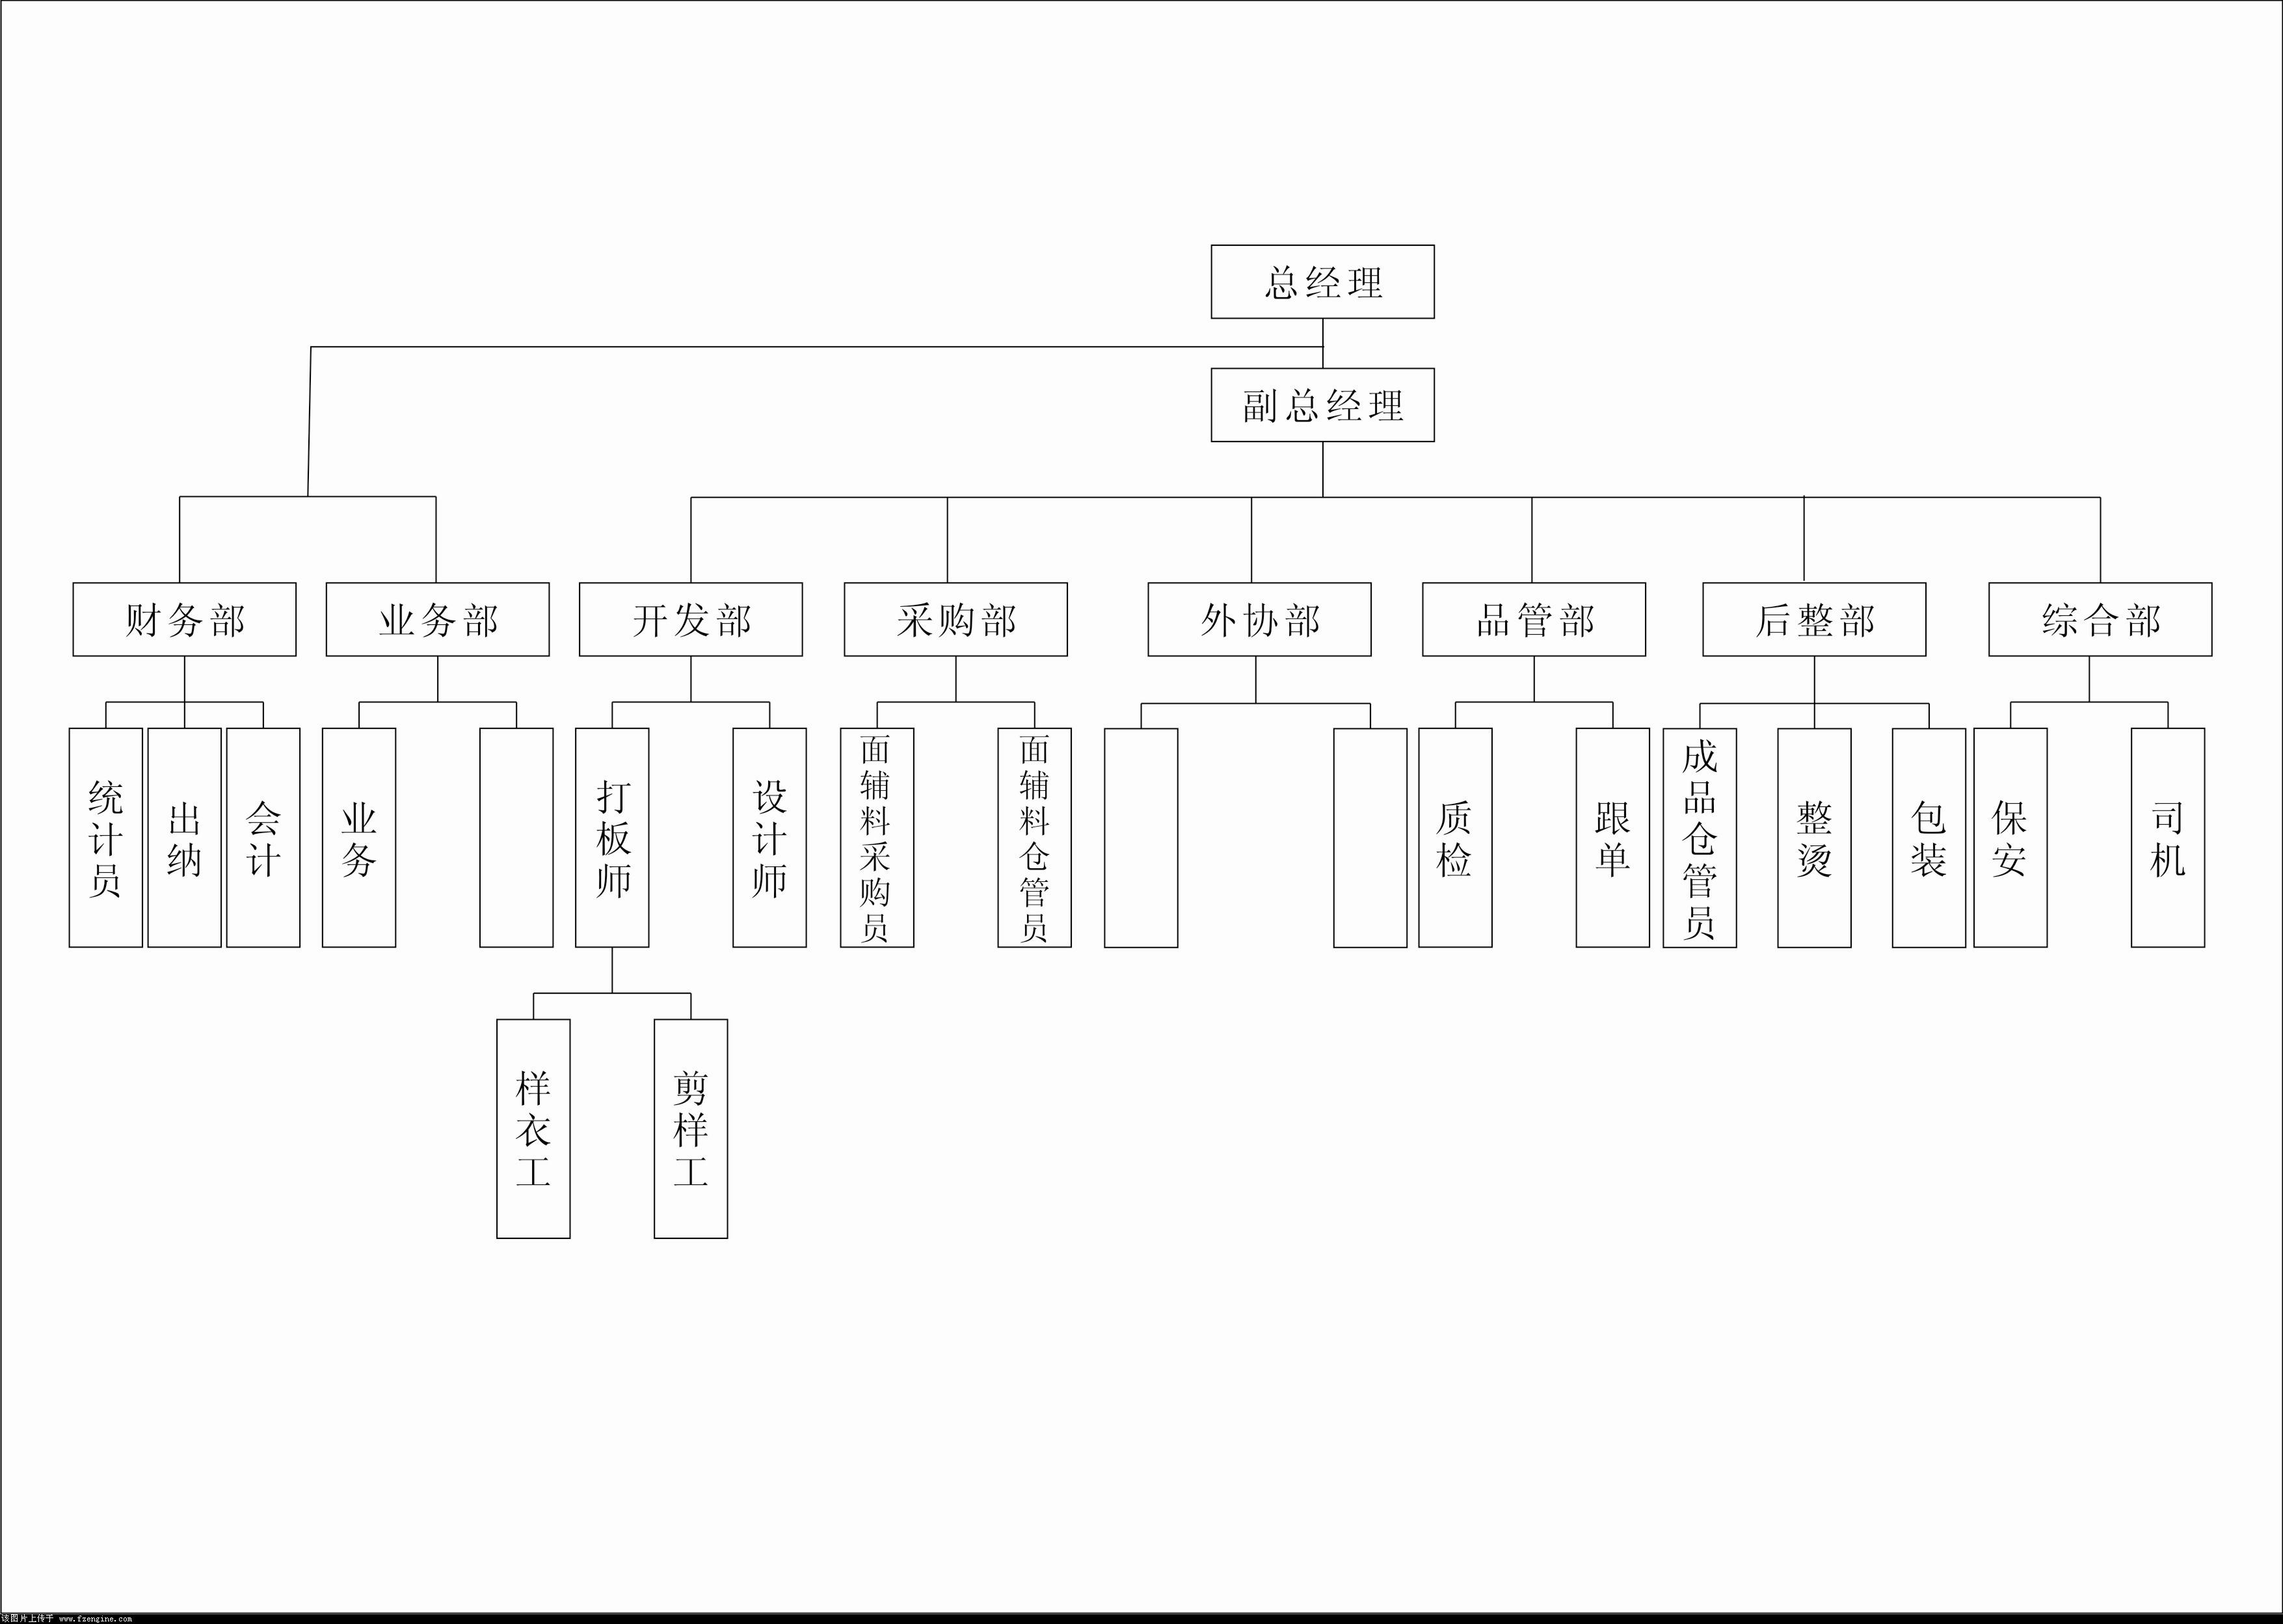 服装公司组织结构图